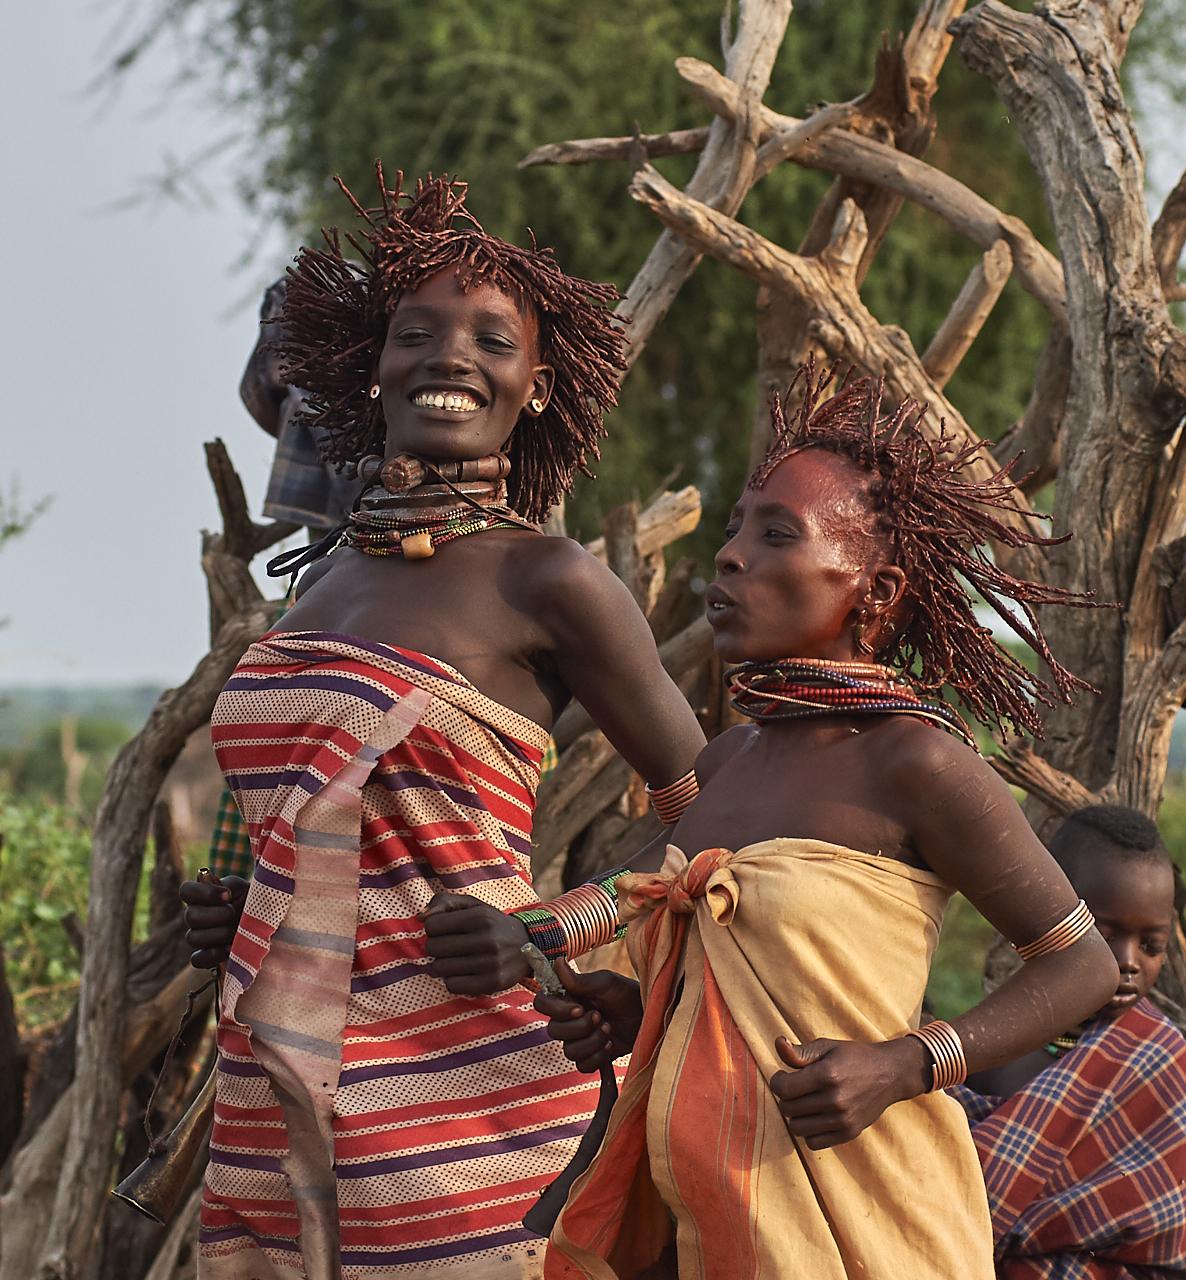 Hamar women celebrating bulljumping